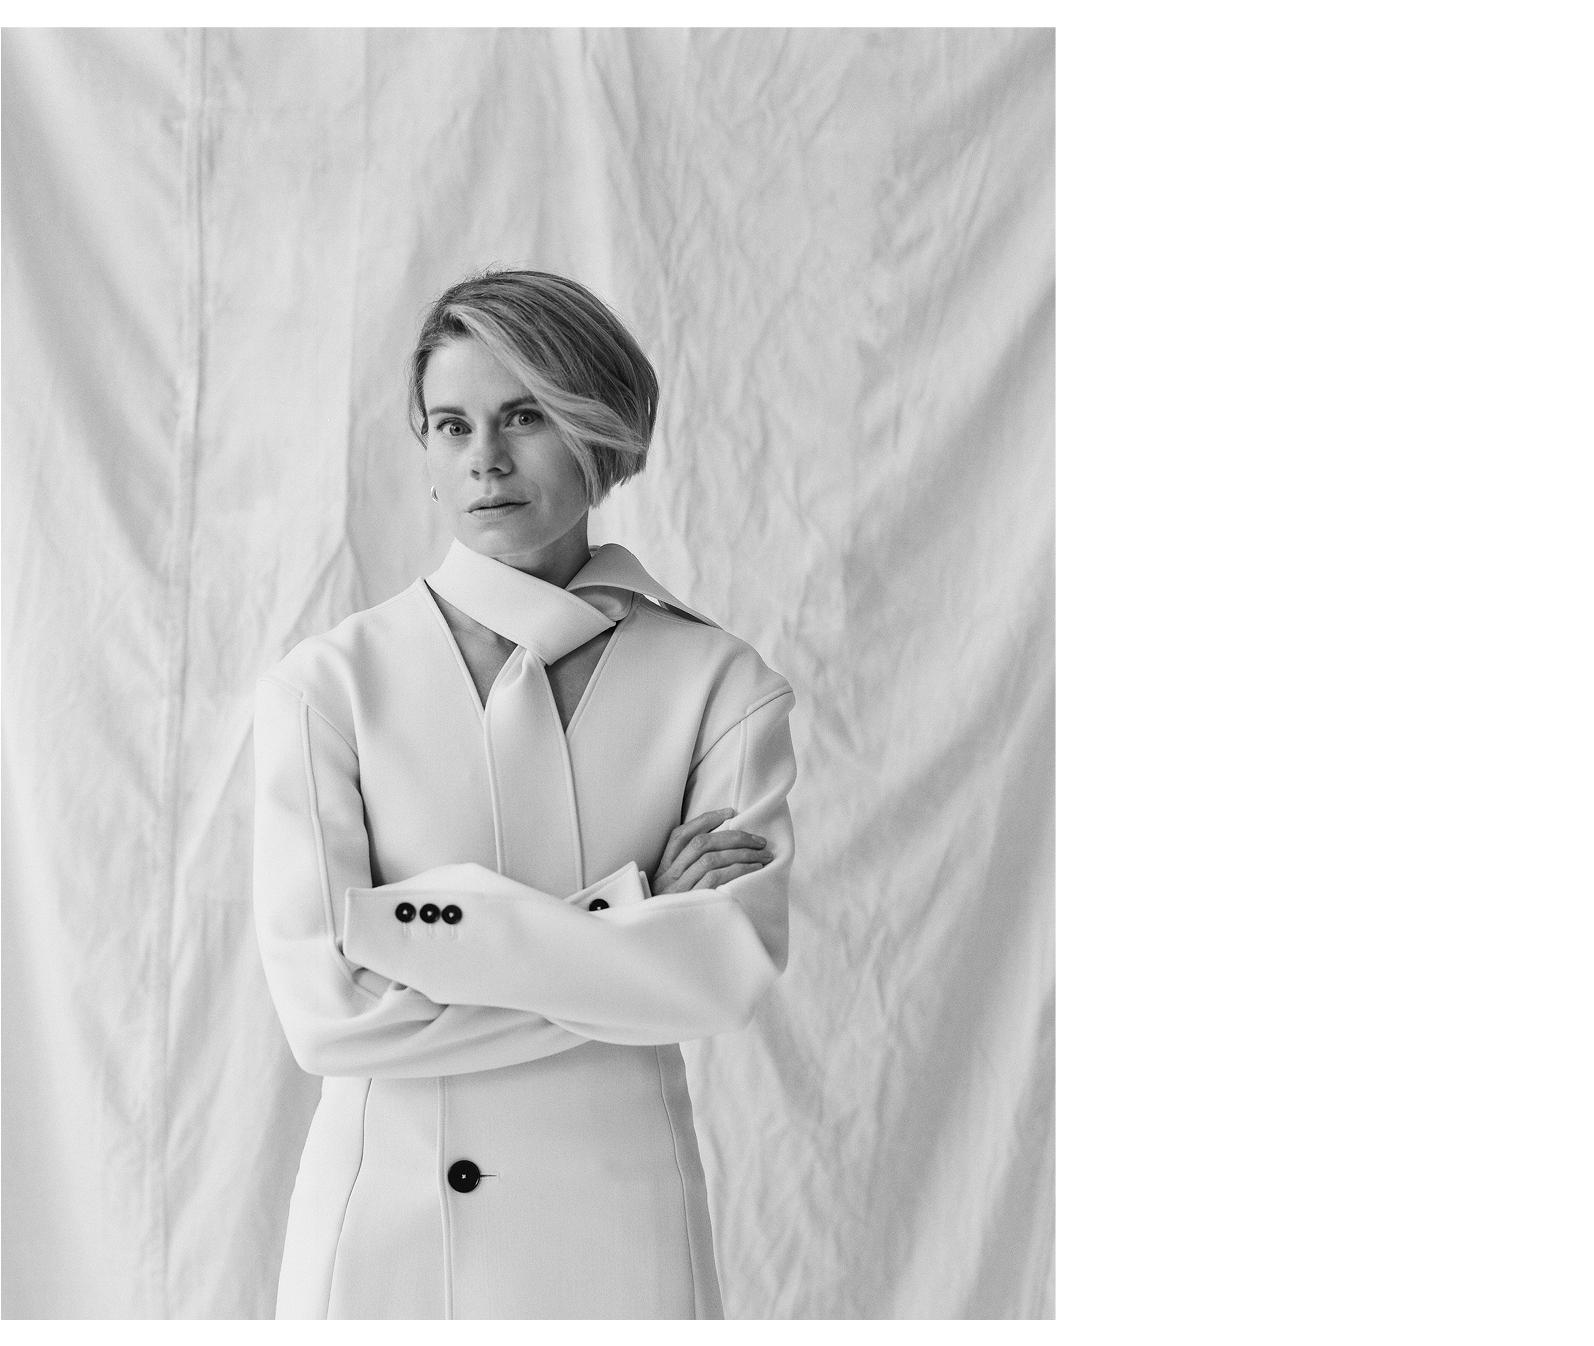 Jacket by Jil Sander. Earrings by Sophie Buhai.